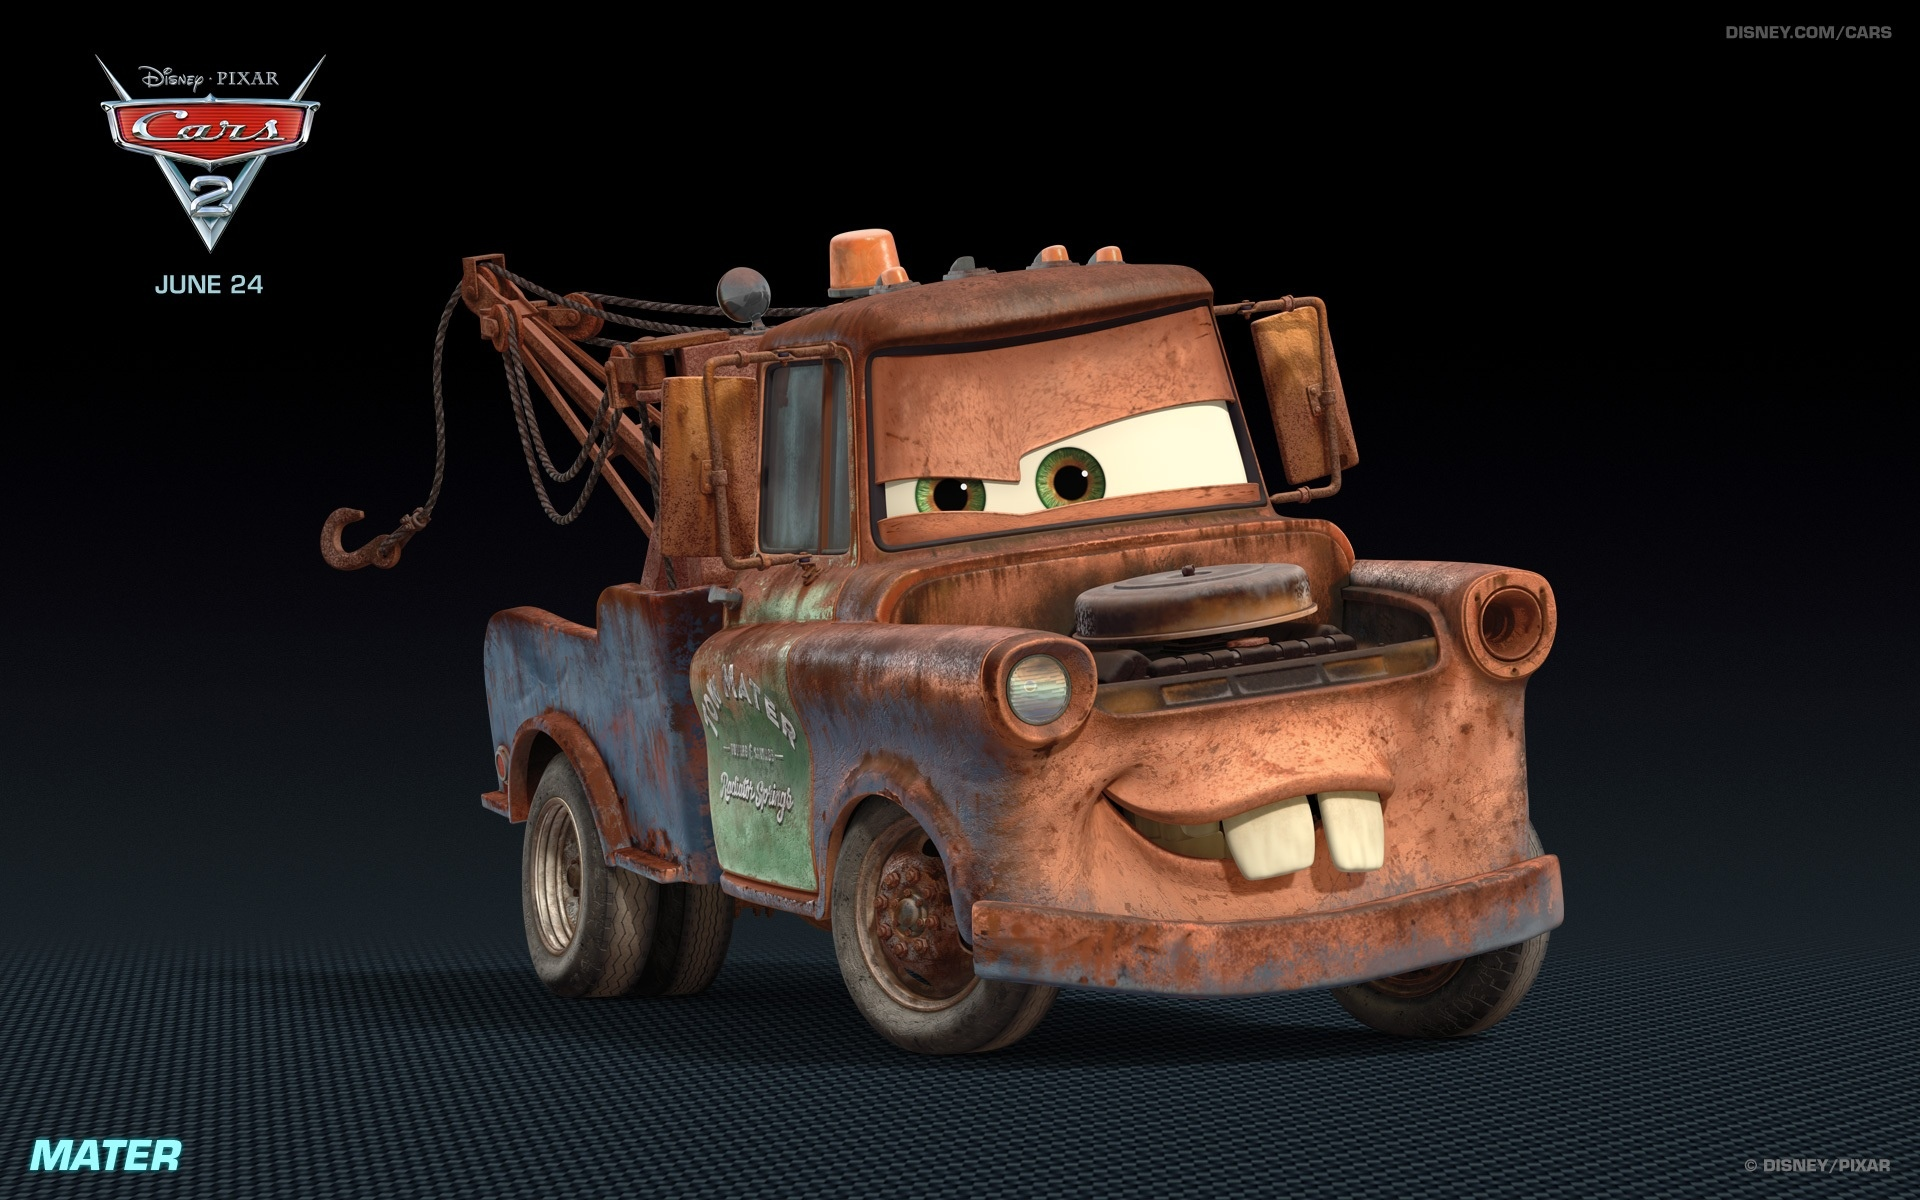 Fondos de pantalla de Cars 2, Wallpapers Disney Pixar